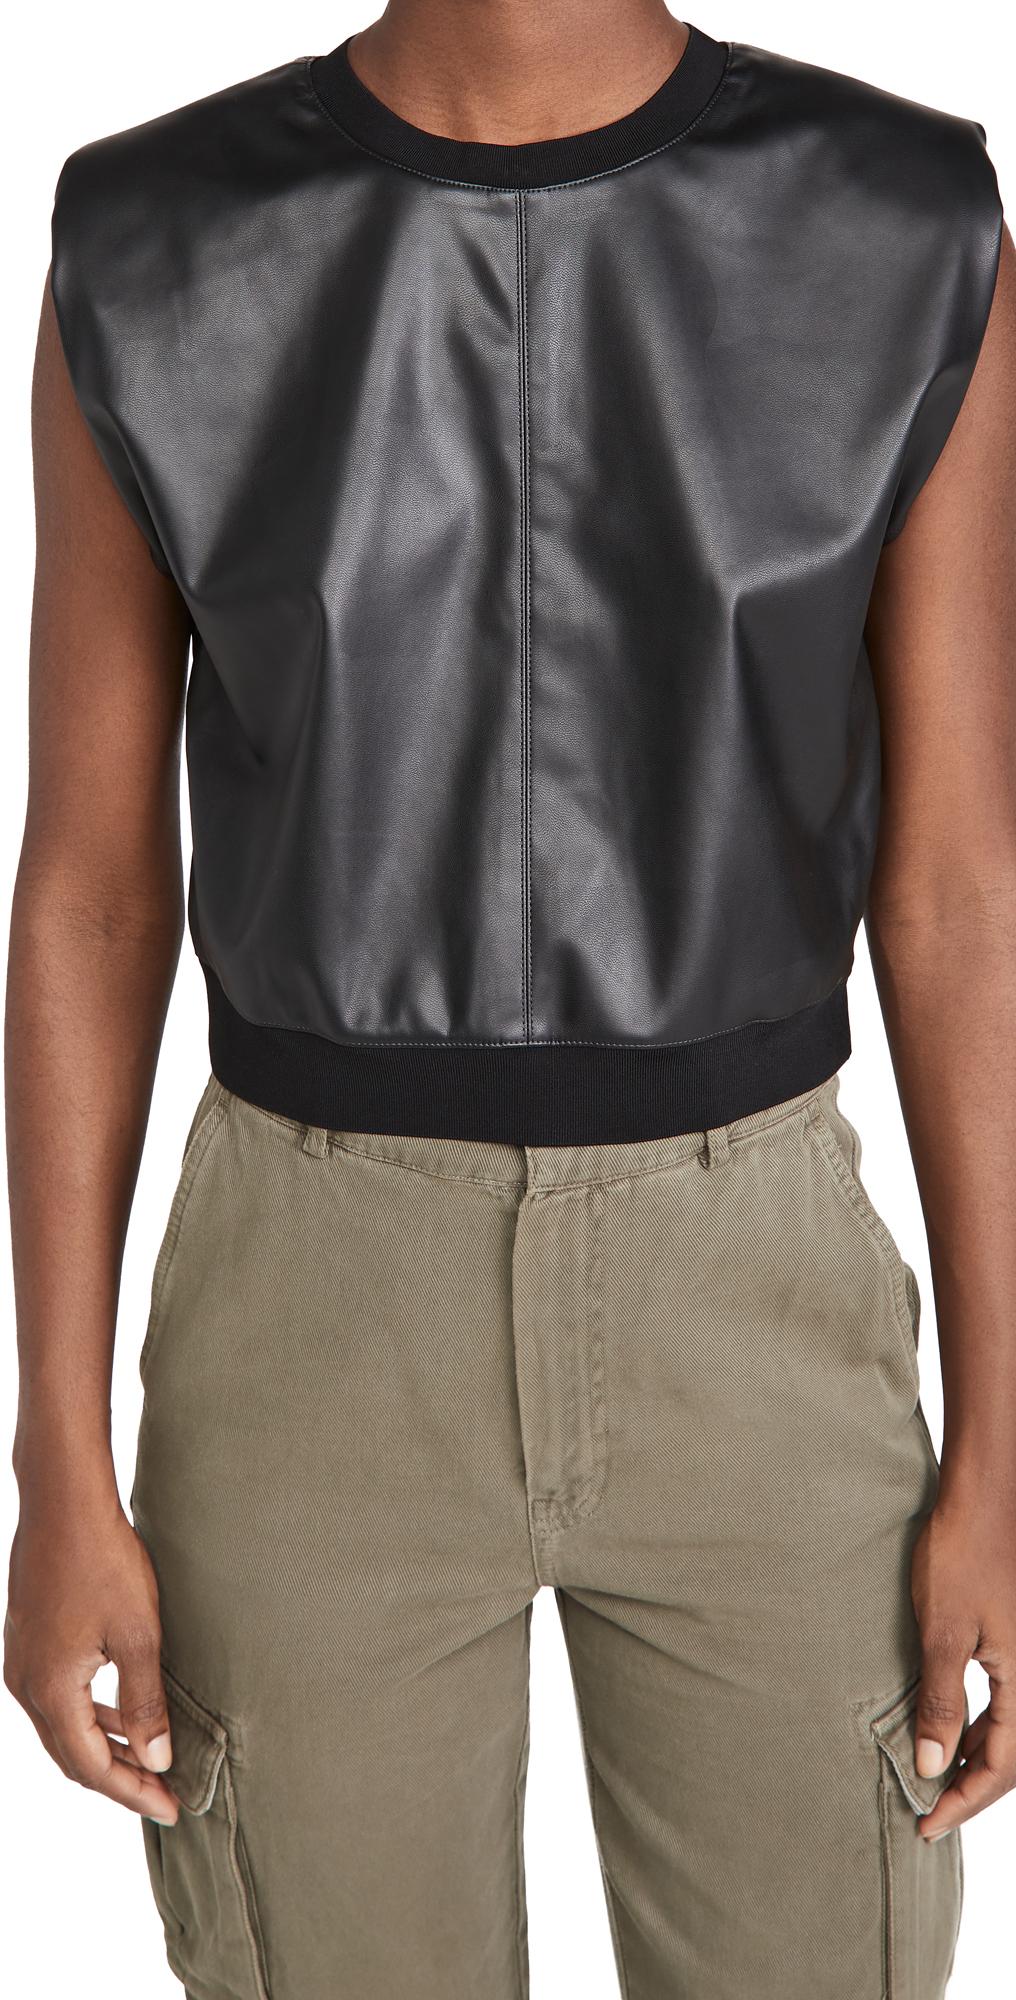 alice + olivia Kendrick Strong Shoulder Vegan Leather Top